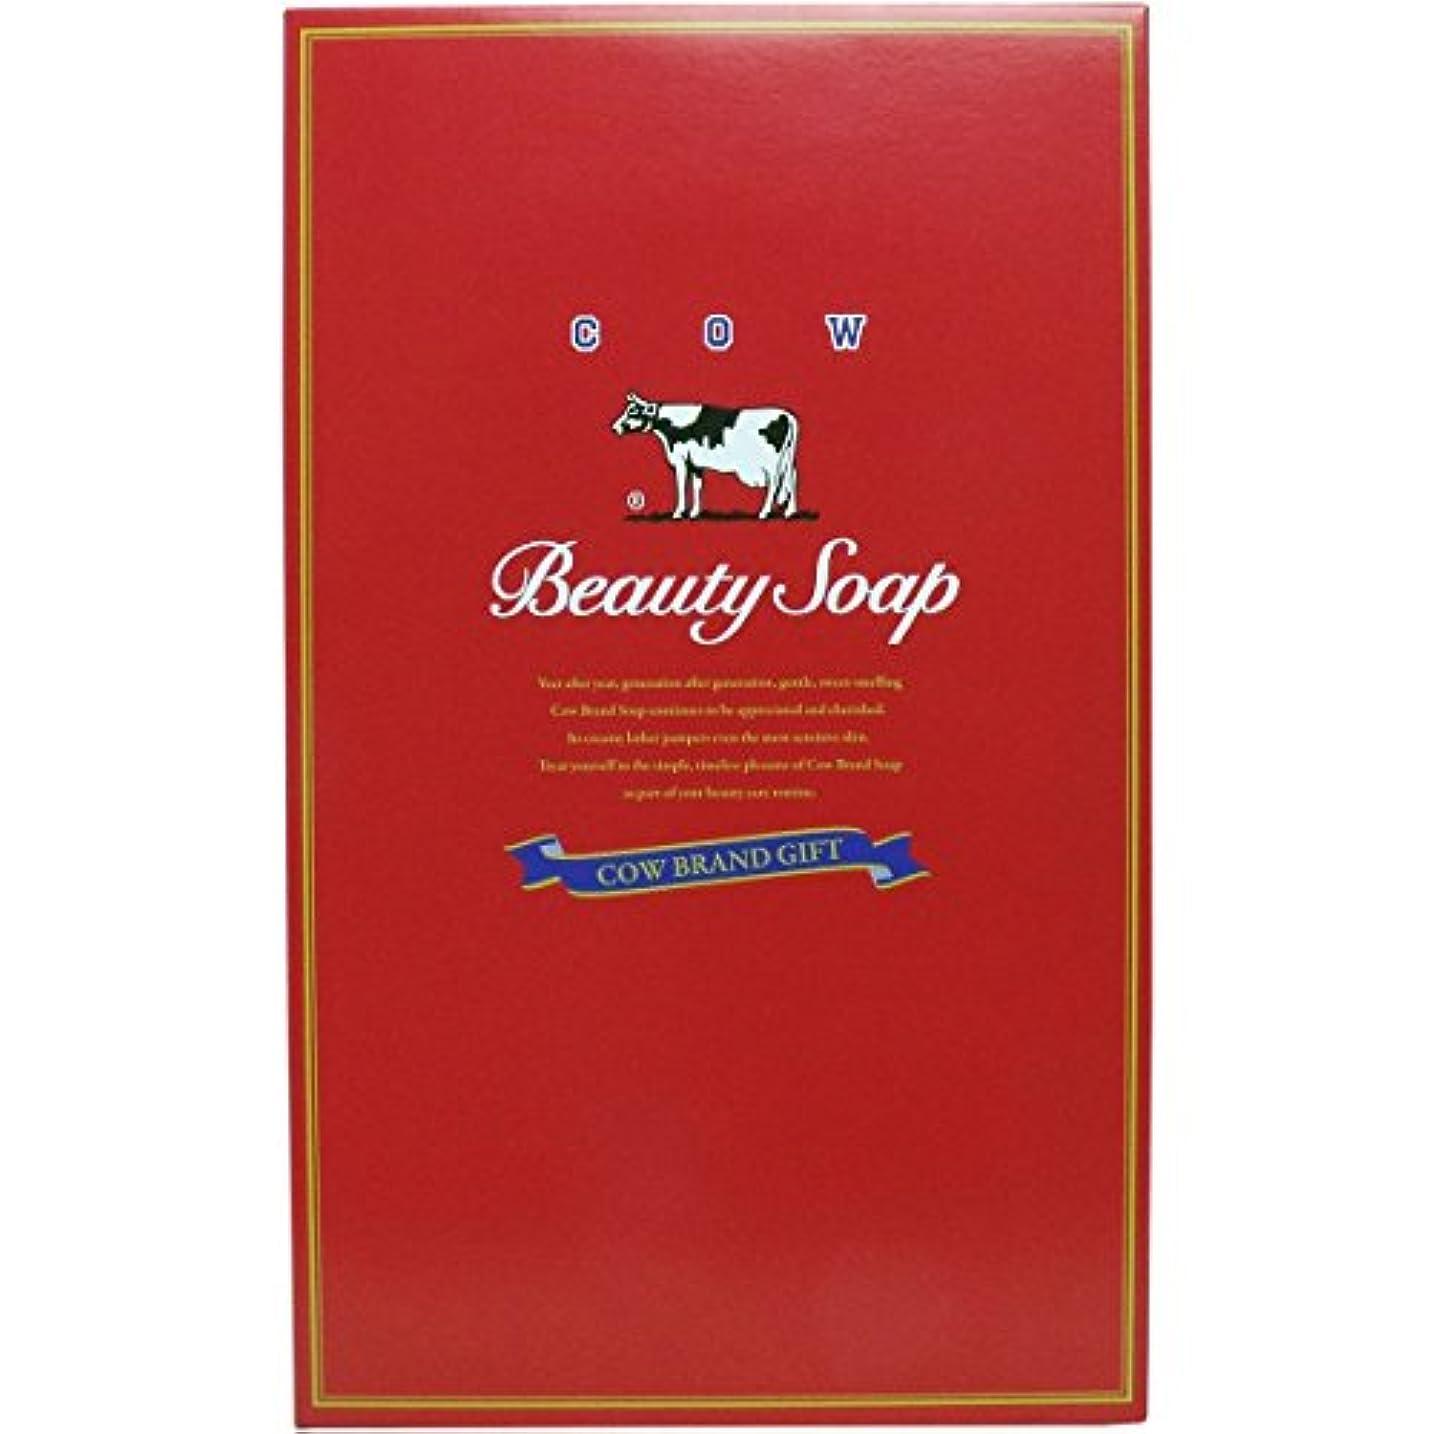 アクティビティプログレッシブ展開する牛乳石鹸共進社 カウブランド石鹸 赤箱 100g×10個×3箱